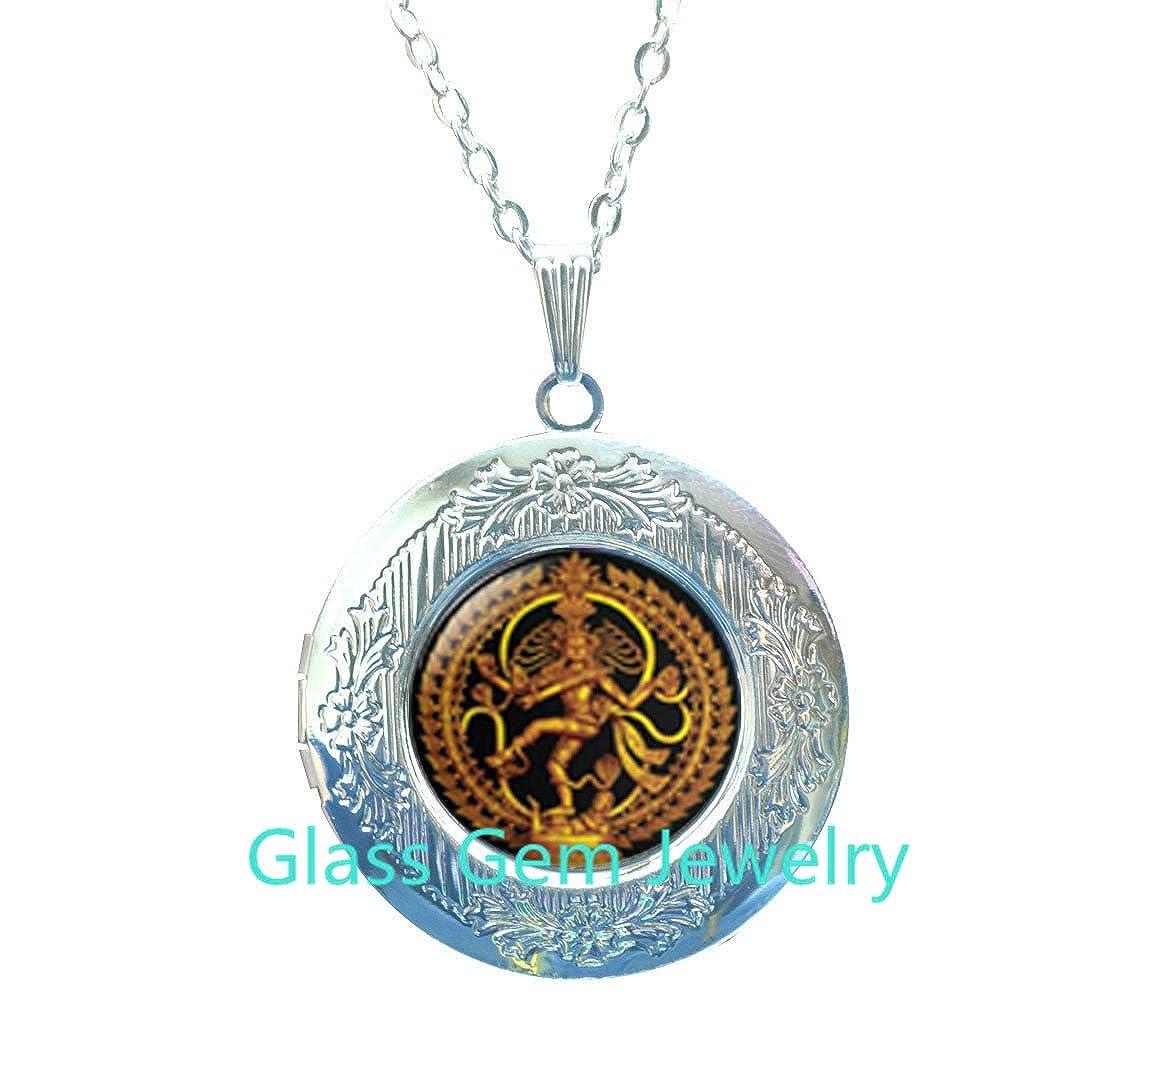 Nataraja Locket Necklace Dancing Shiva Locket Pendant Shiva Nataraja Spiritual Jewelry,Q0207 cosmic dancer Buddhist jewelry Statue of Dancing Shiva